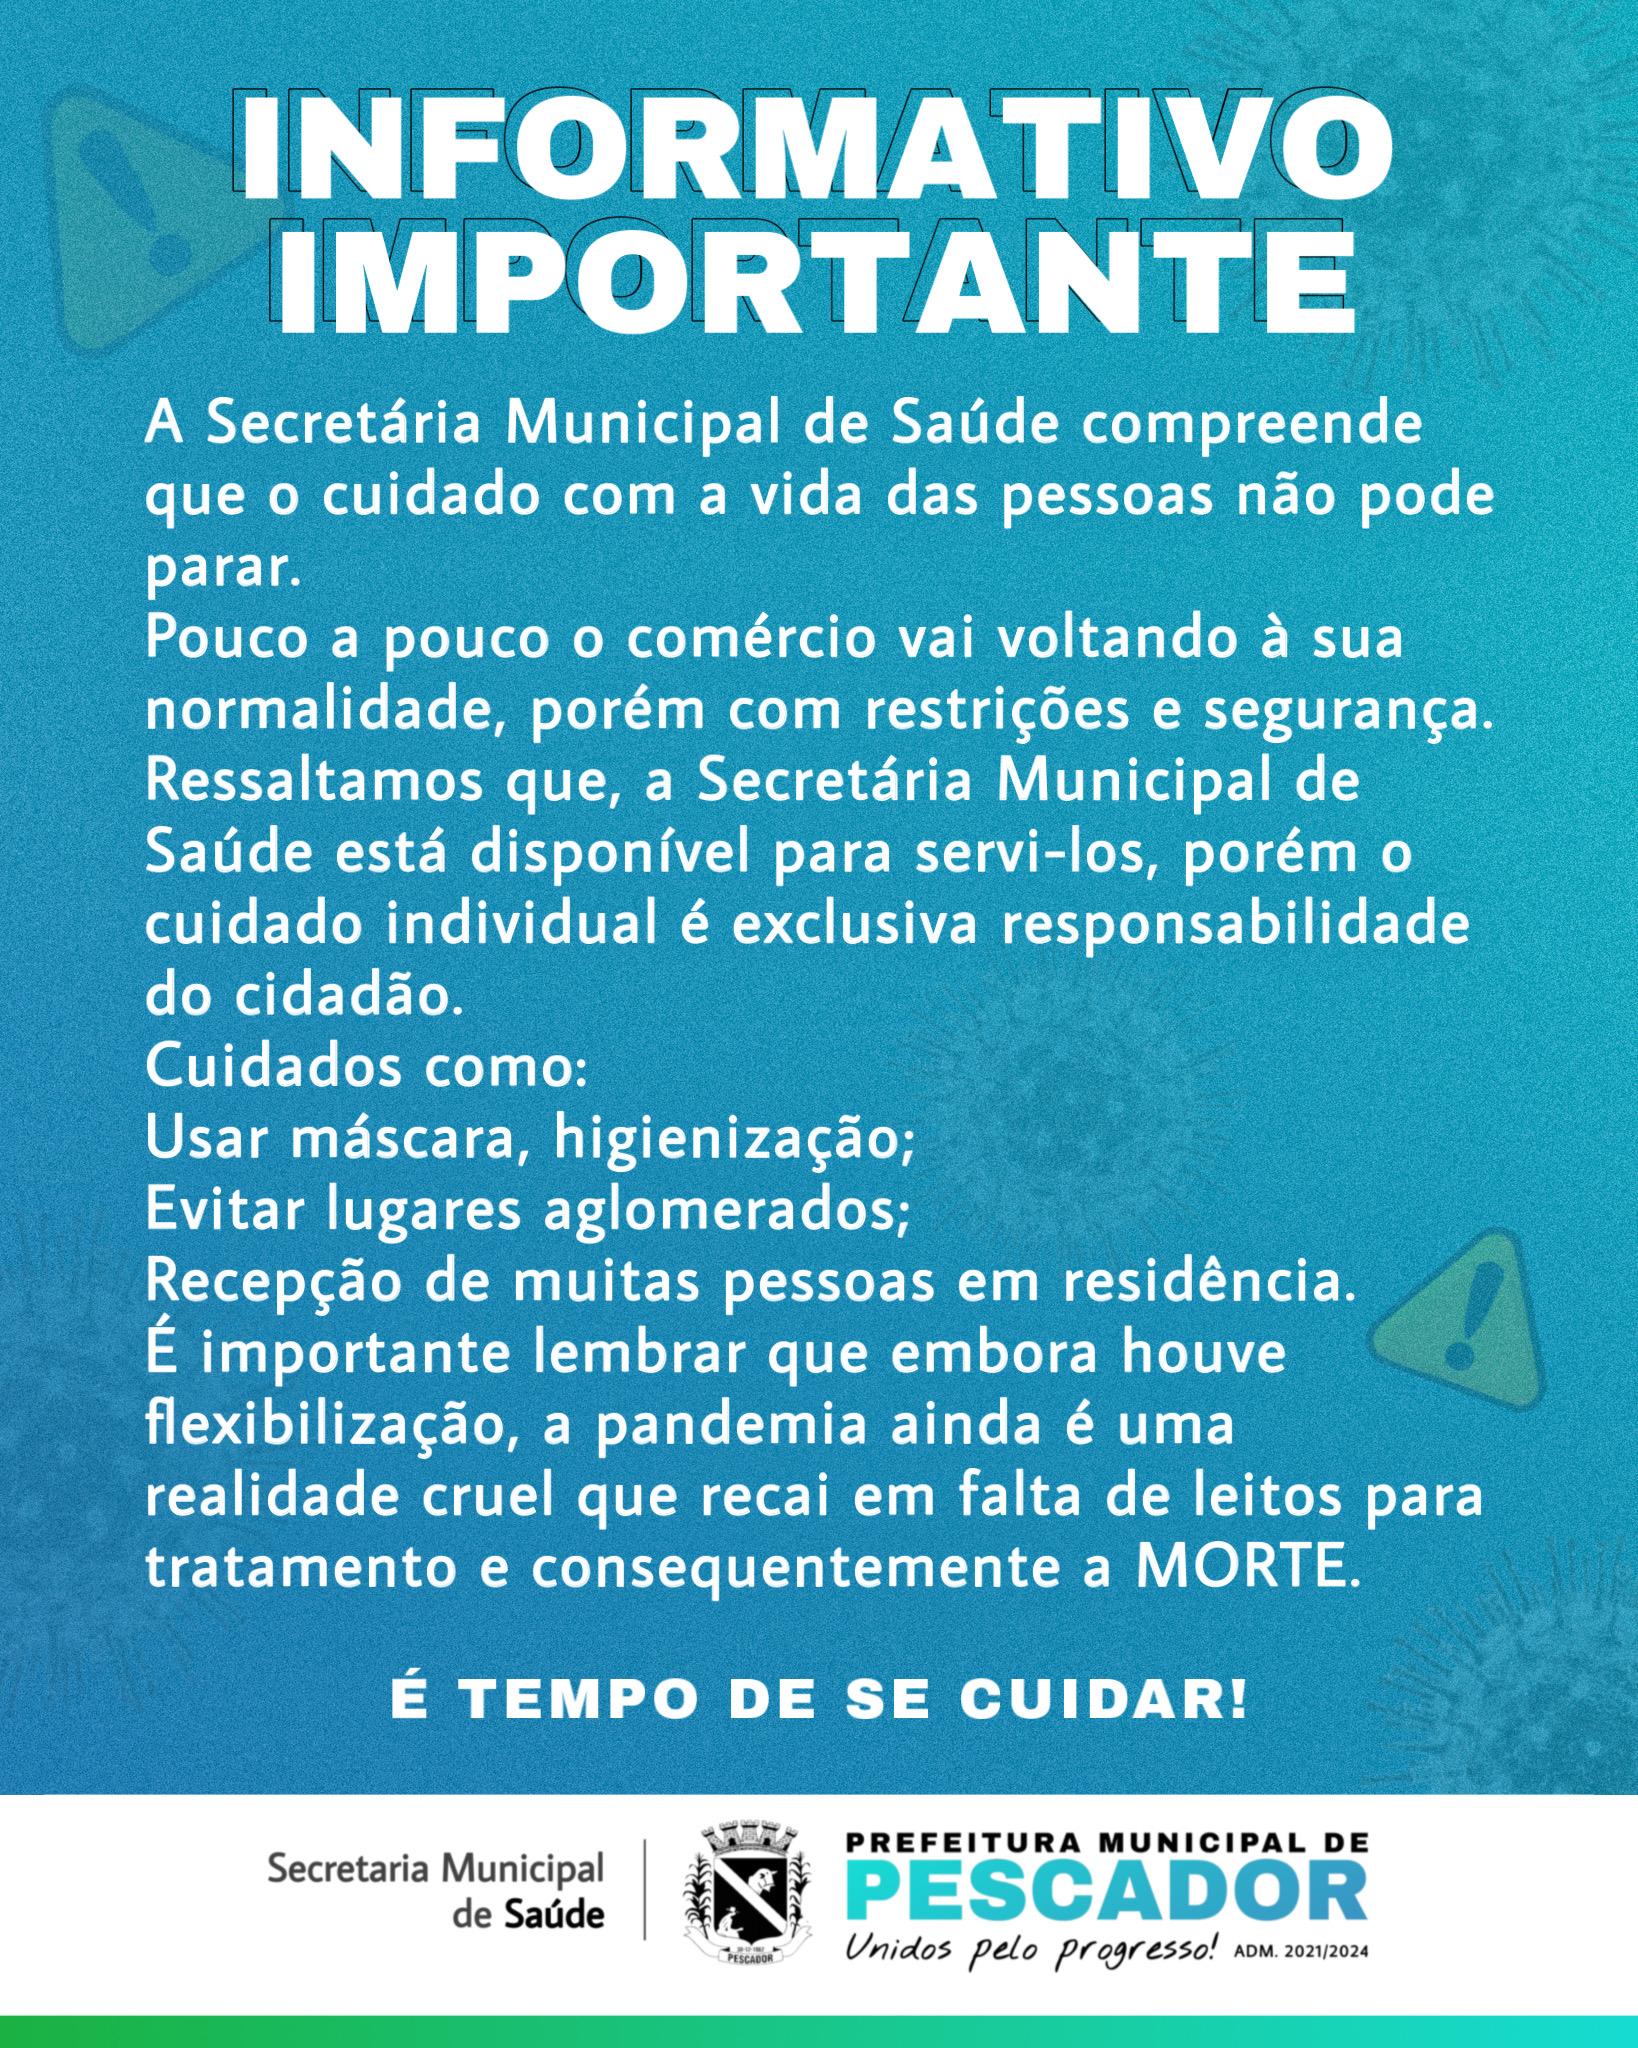 INFORMATIVO DA SAÚDE - 09/06/2021